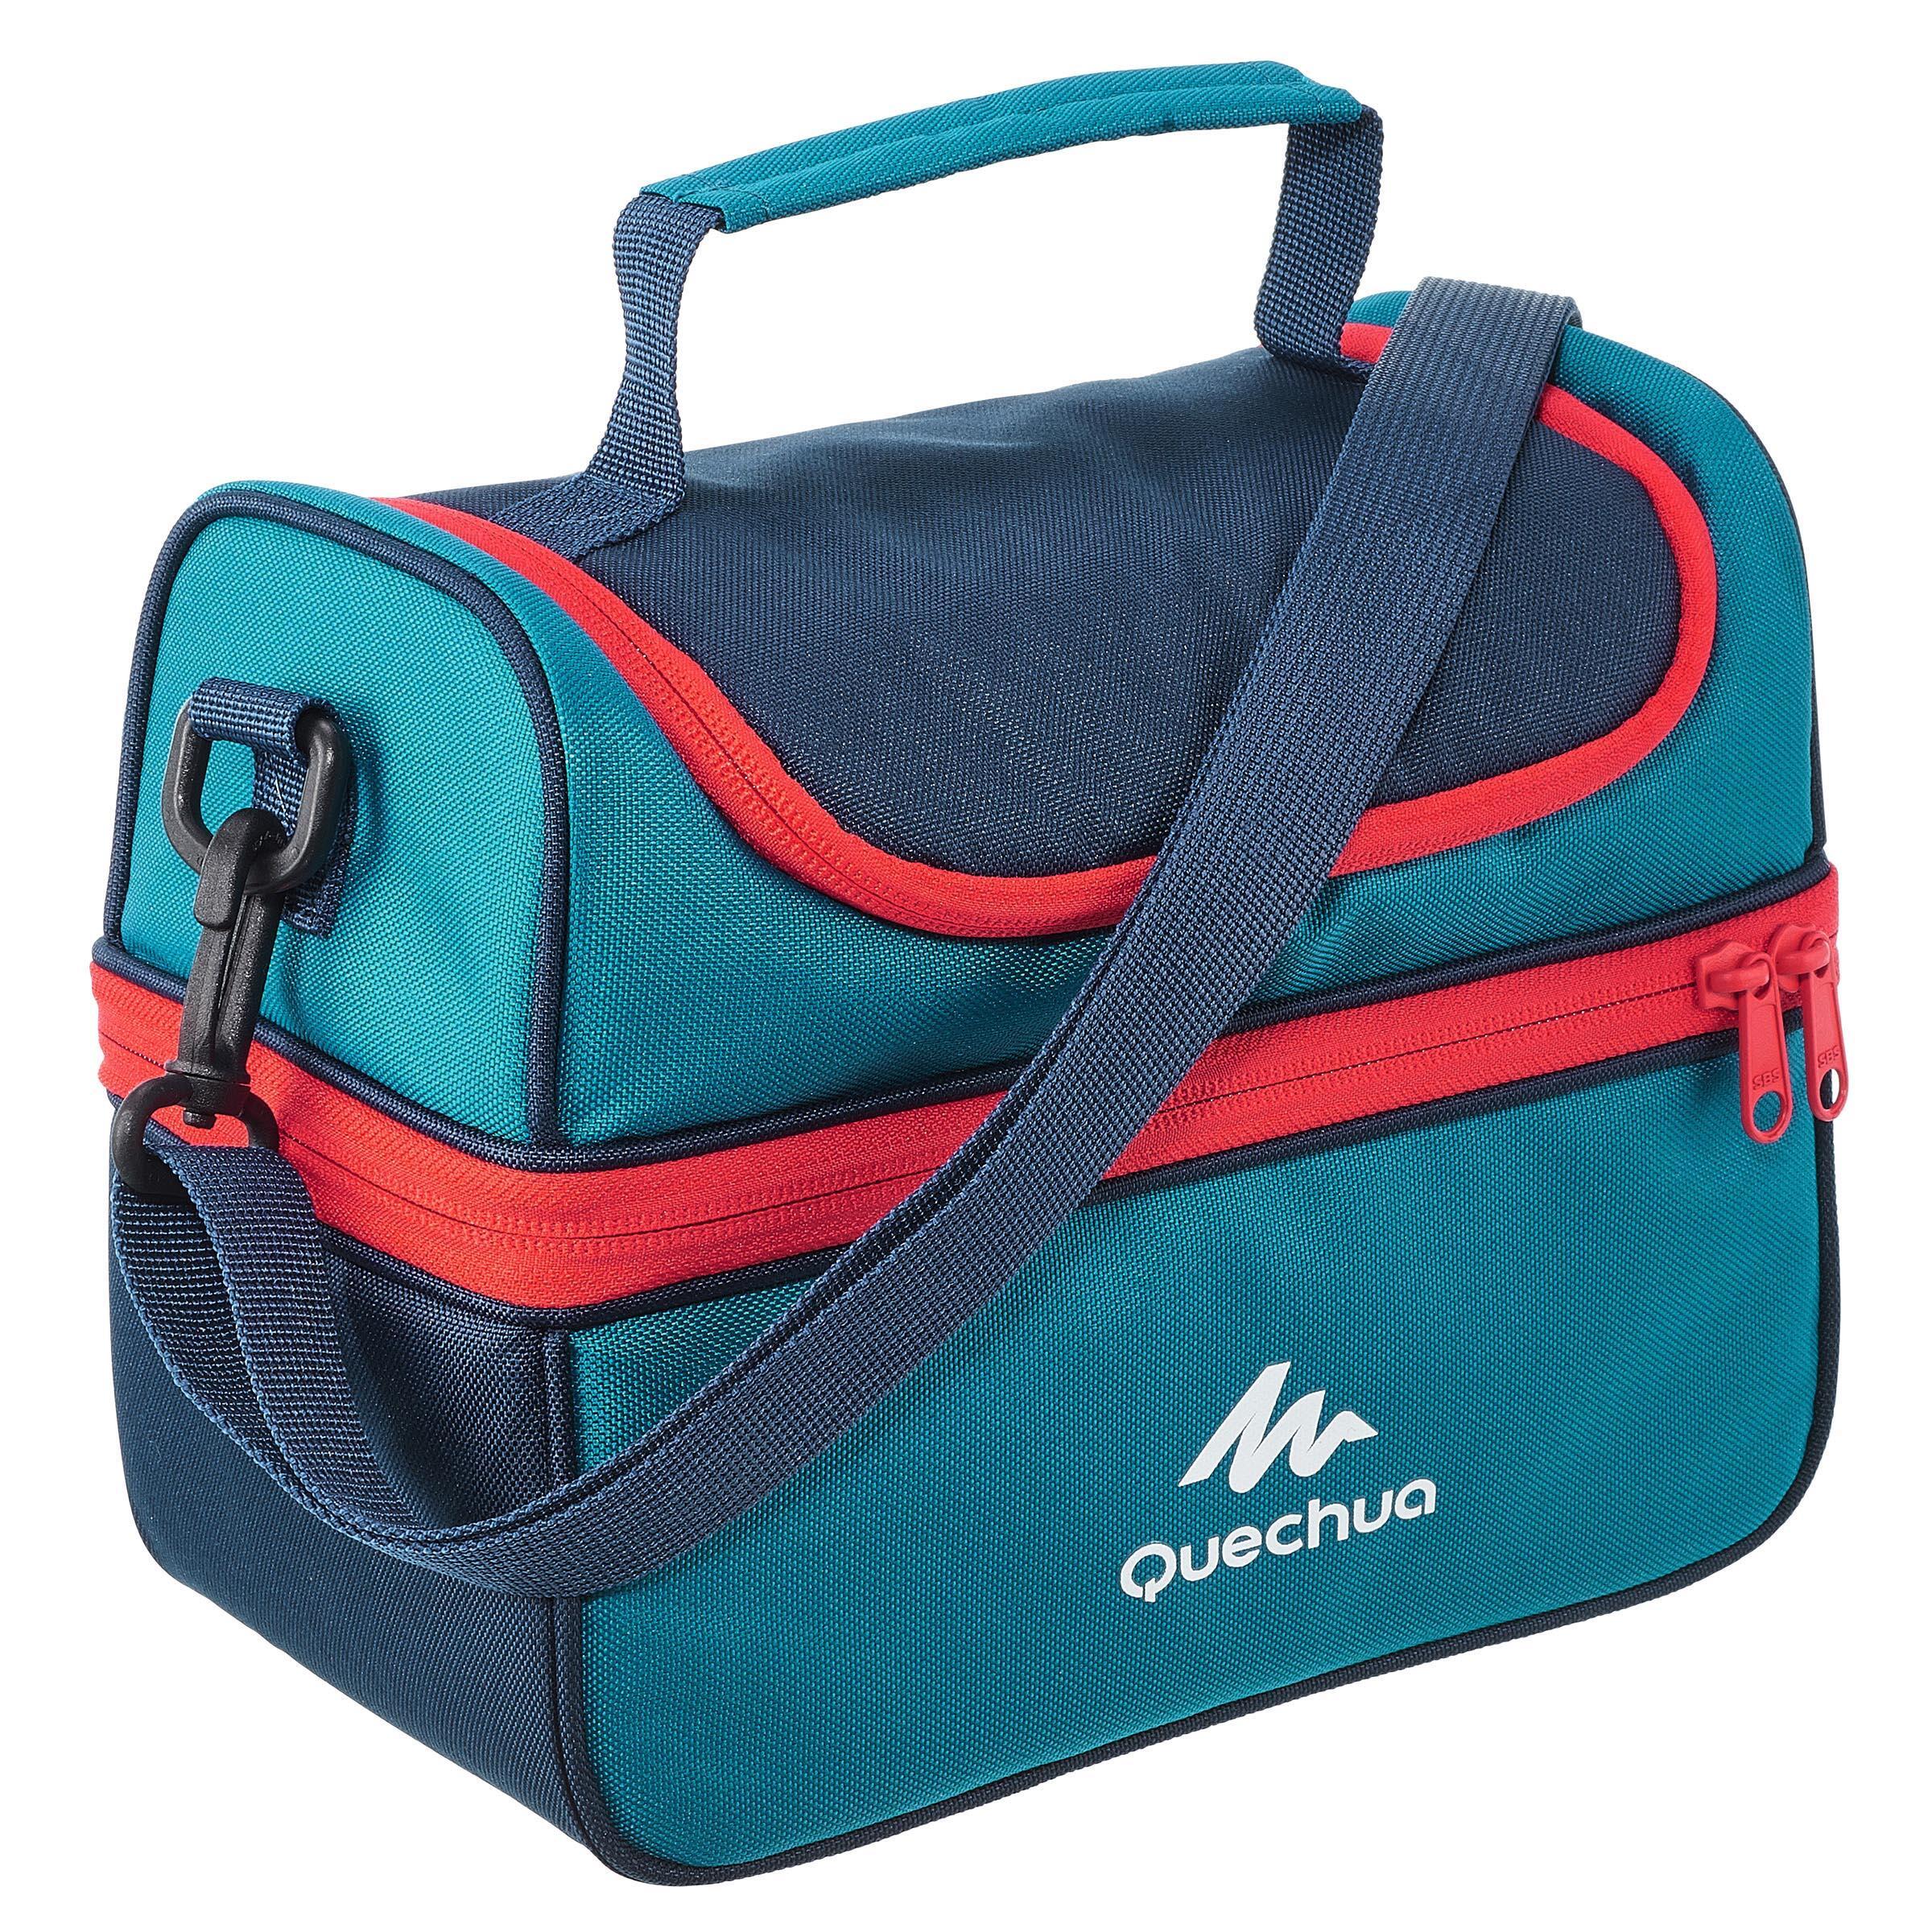 Quechua Glacière Lunch box MH500 randonnée (avec 2 boîtes alimentaires) 4,4 litres bleu - Quechua